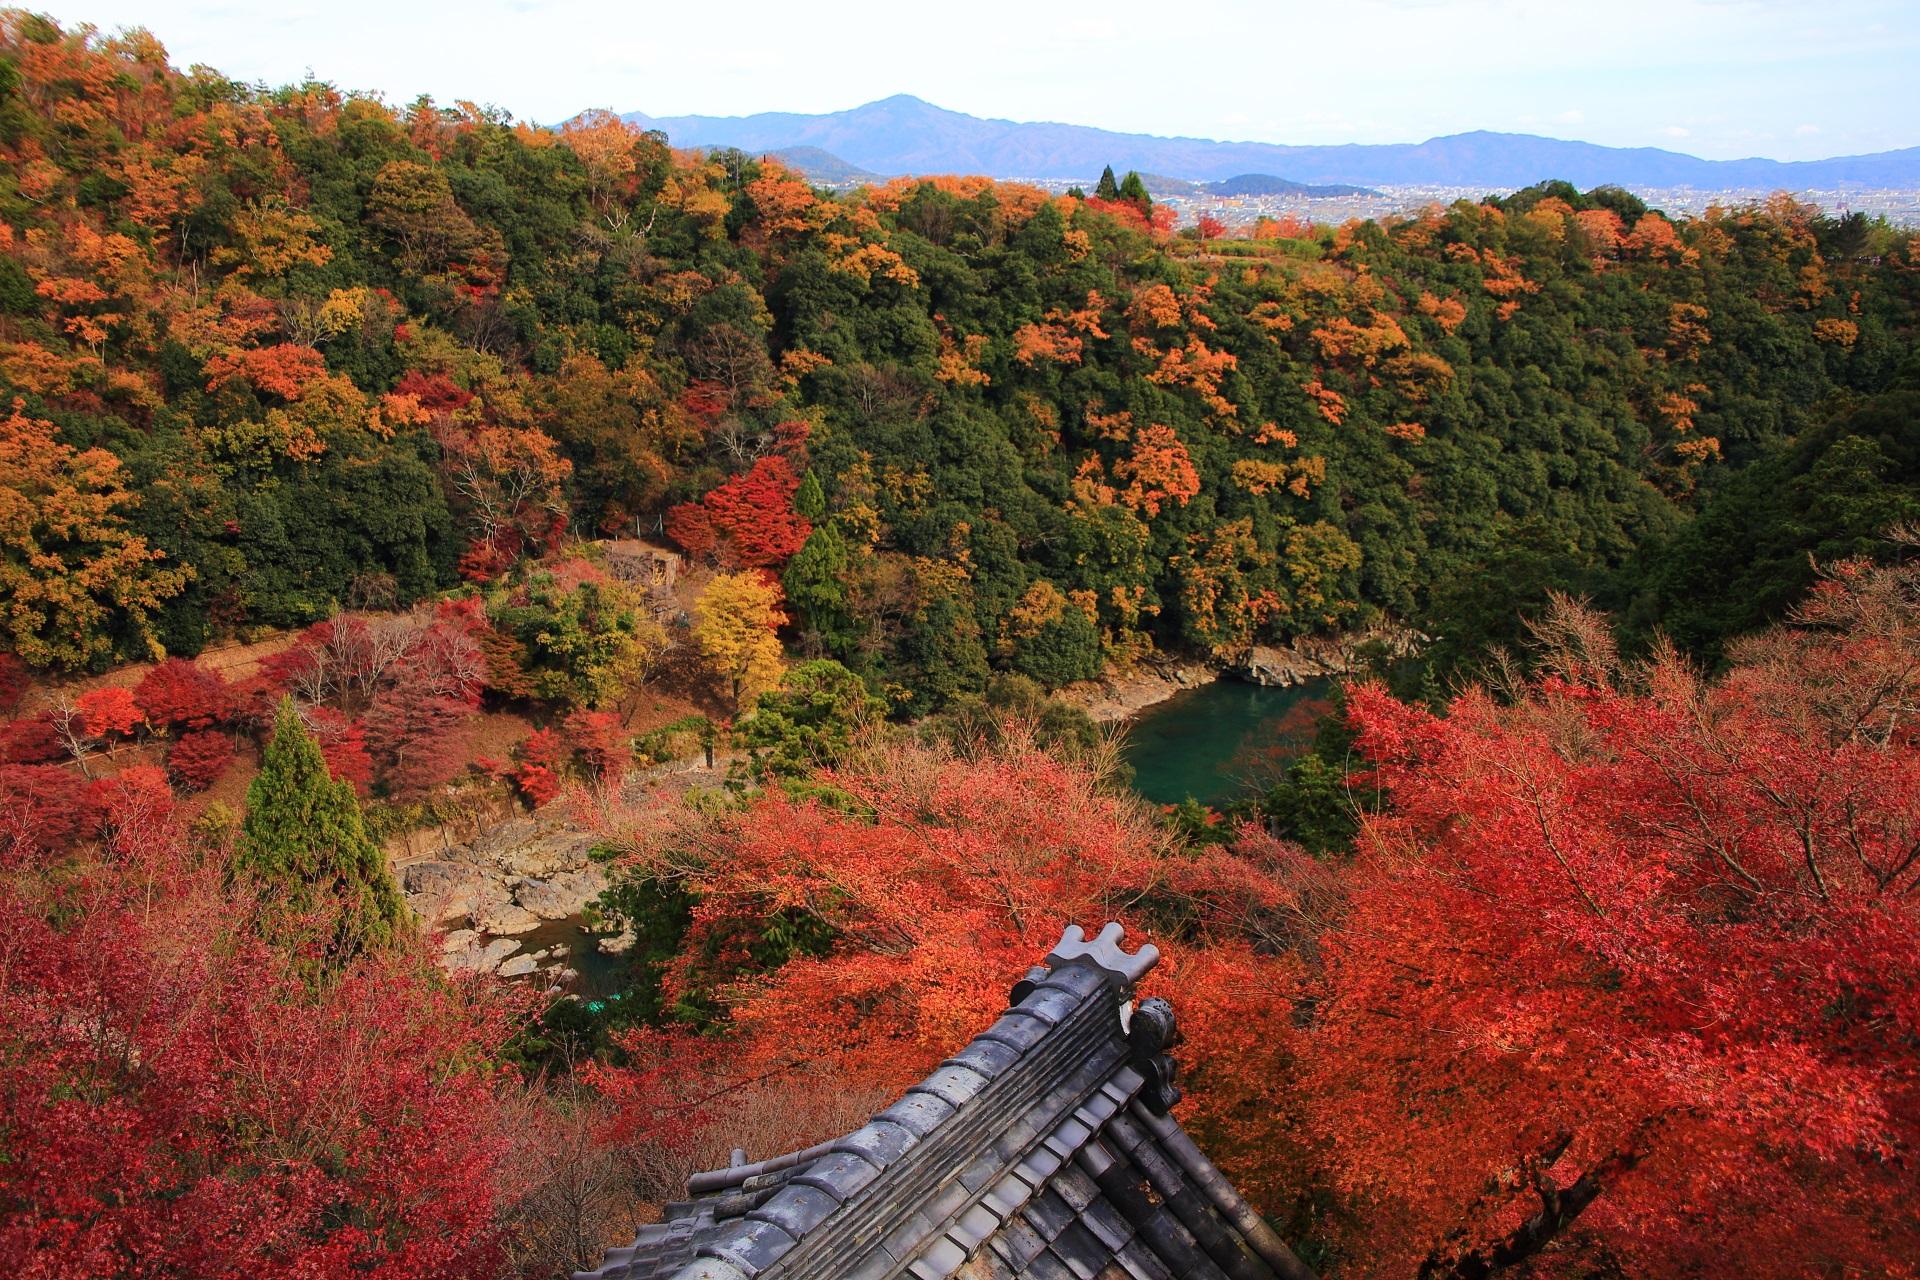 絶妙のバランスや色合いの大悲閣の紅葉と嵐山の紅葉